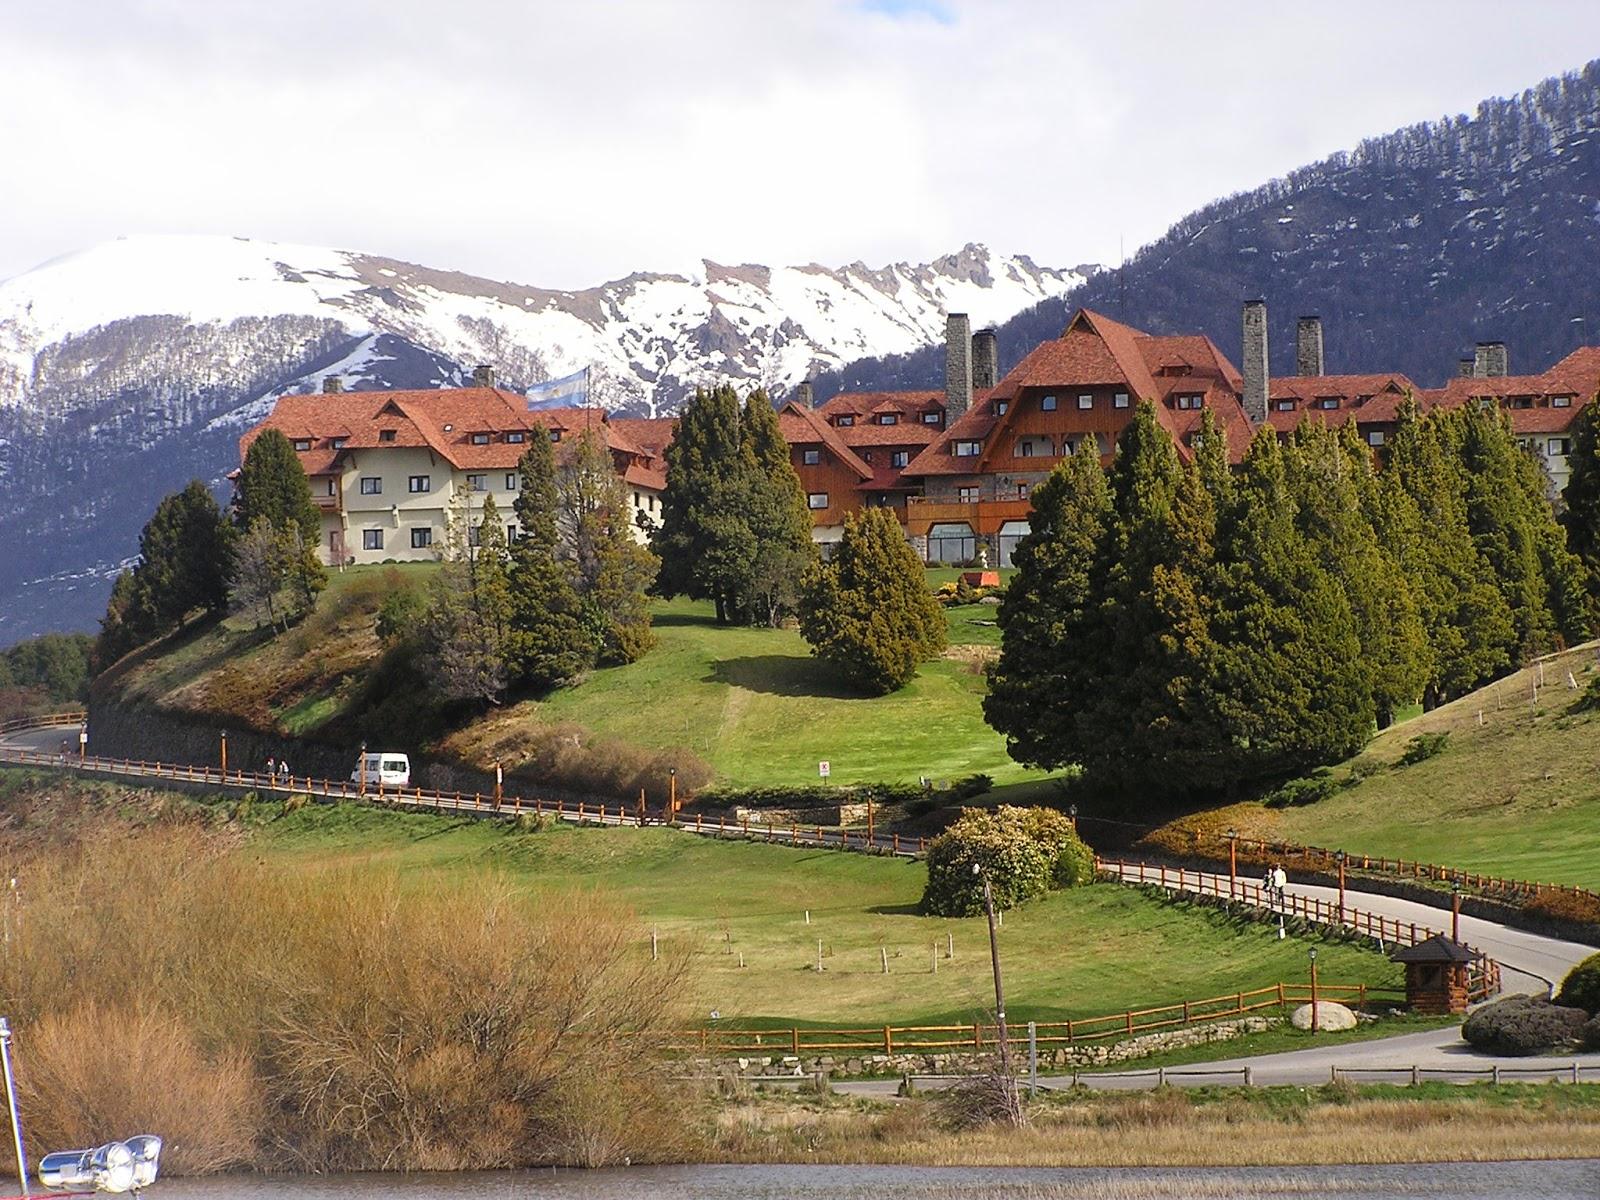 Llao Llao, San Carlos de Bariloche, Argentina, Elisa N, Blog de Viajes, Lifestyle, Travel